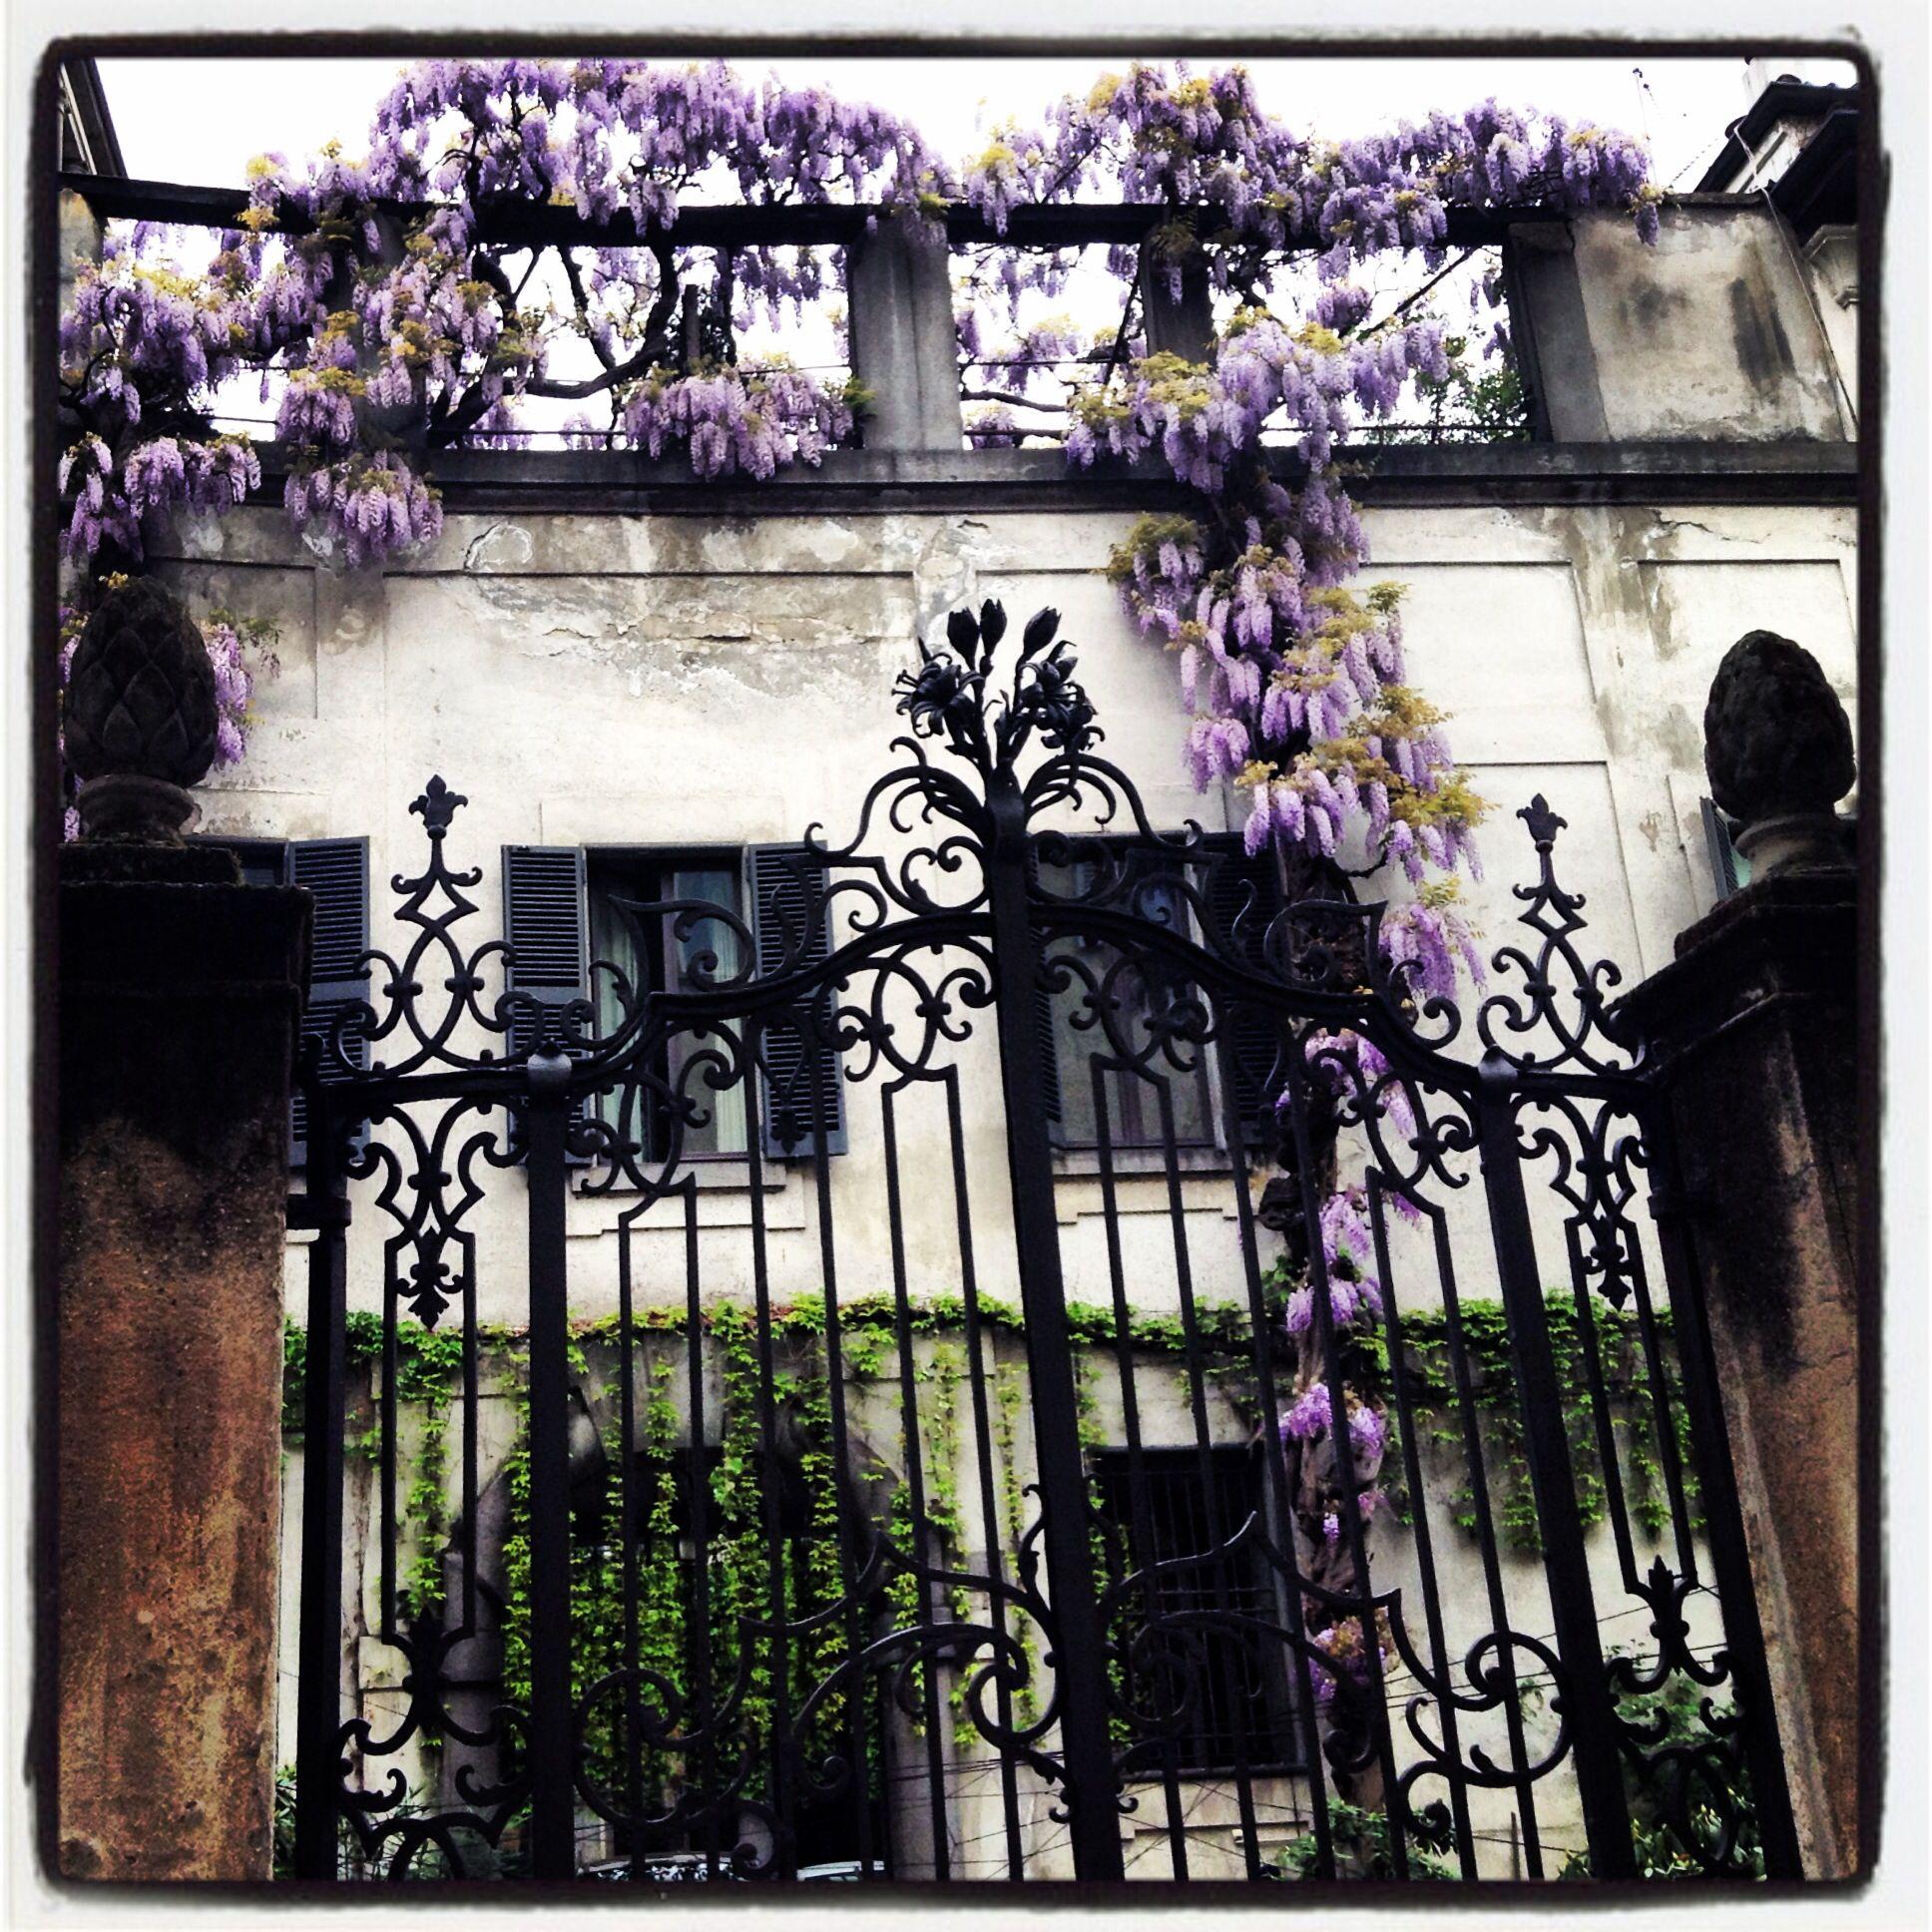 Spring in Milano. MB photo.